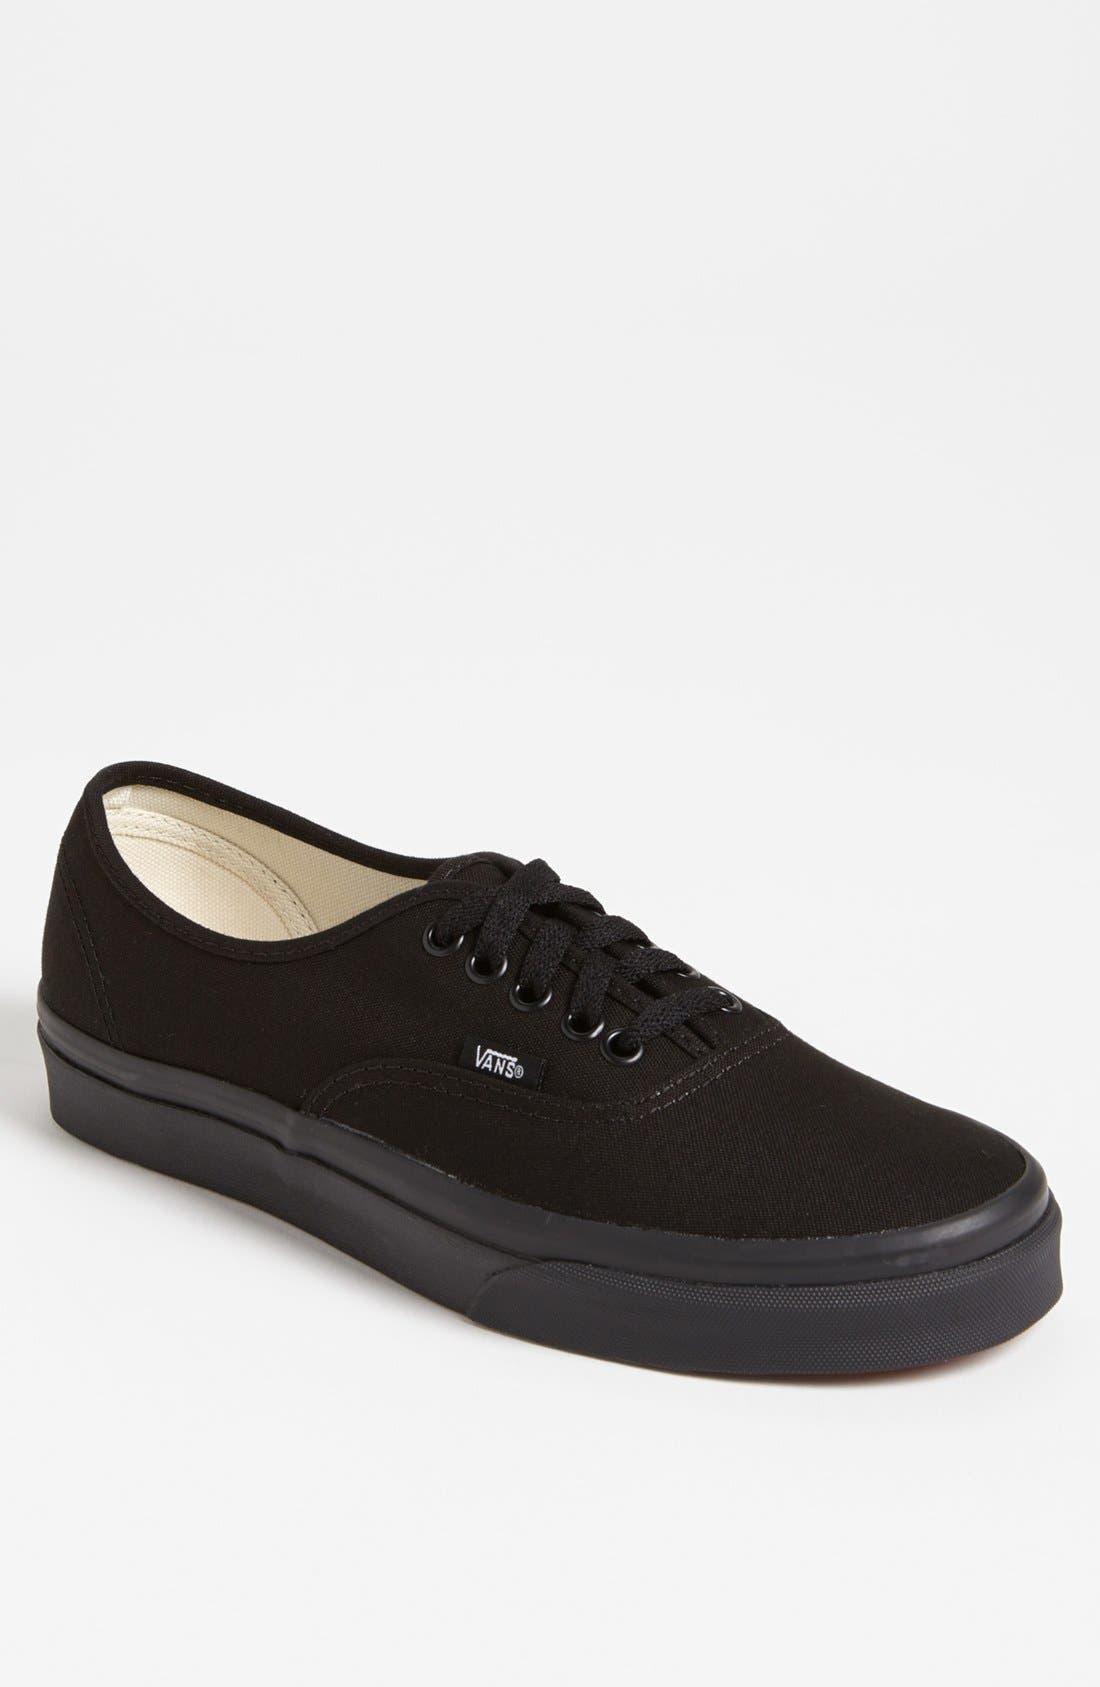 VANS, 'Authentic' Sneaker, Main thumbnail 1, color, BLACK/ BLACK